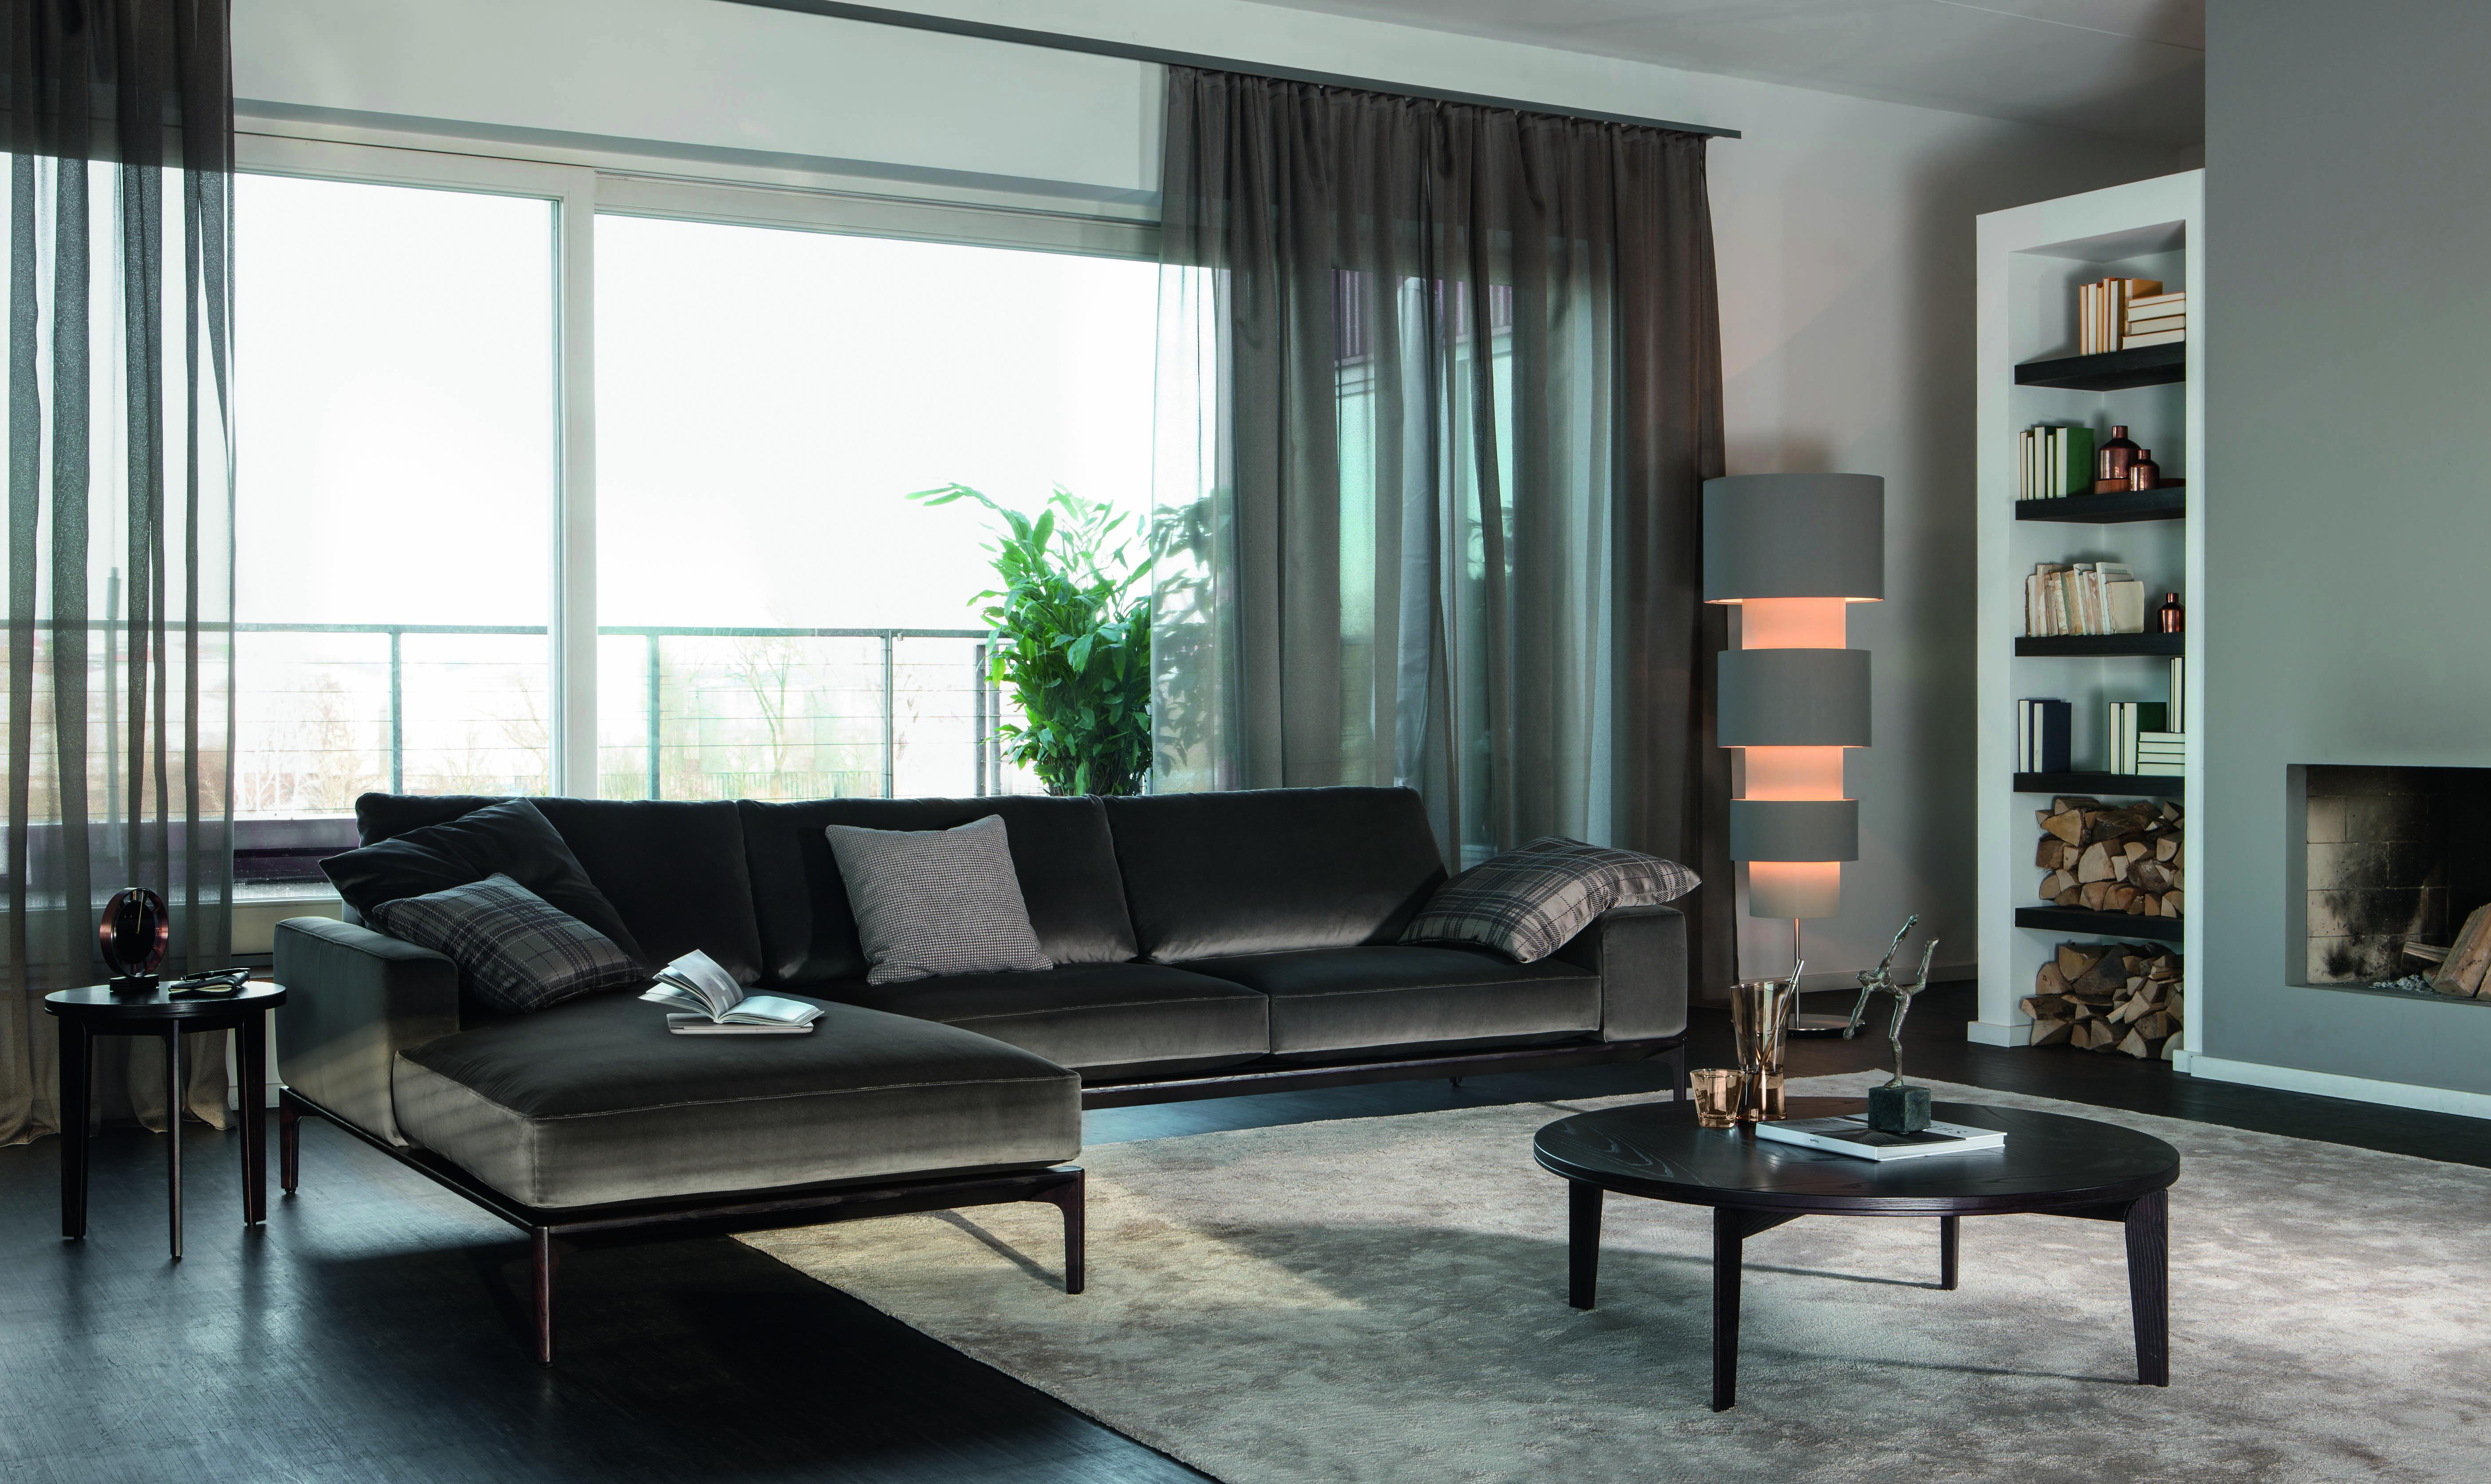 spirit bielefelder werkst tten jocham wohncocktail. Black Bedroom Furniture Sets. Home Design Ideas